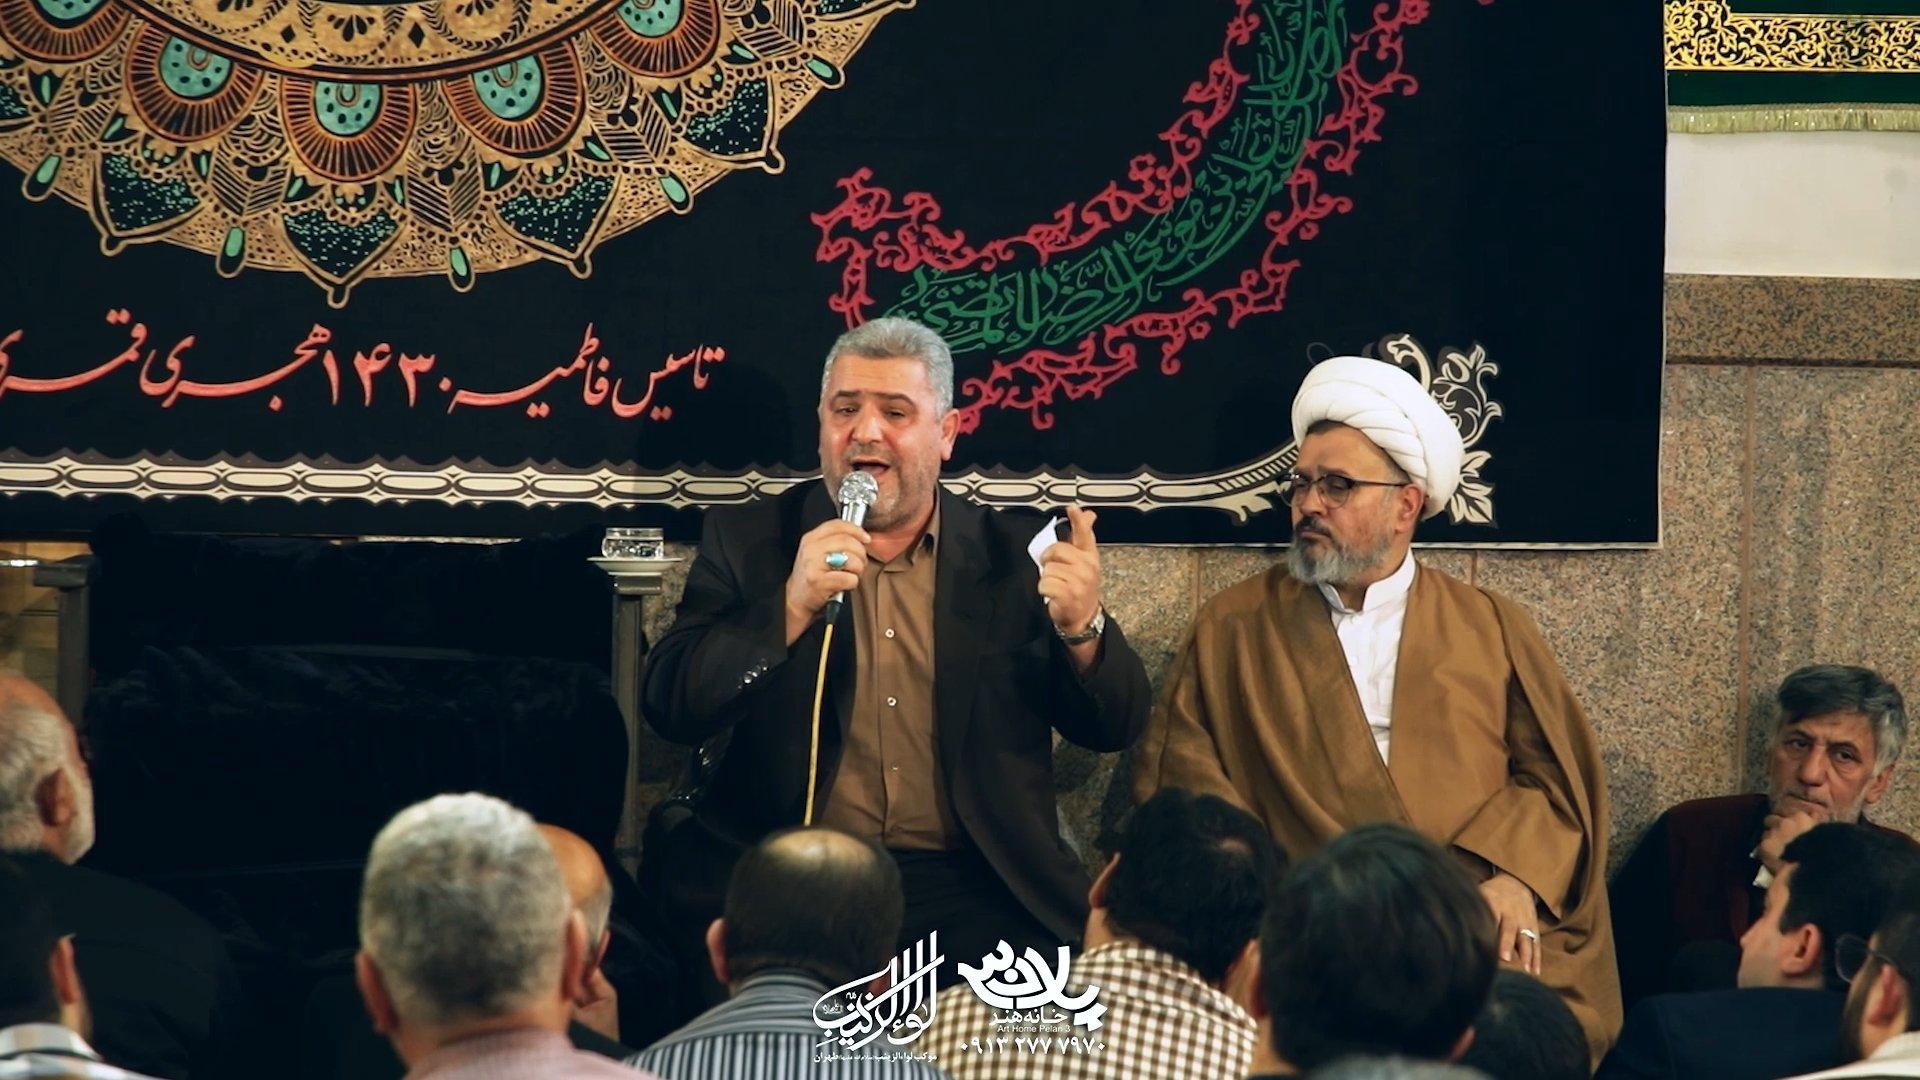 زینب یگانه است حاج ابراهیم رهبر